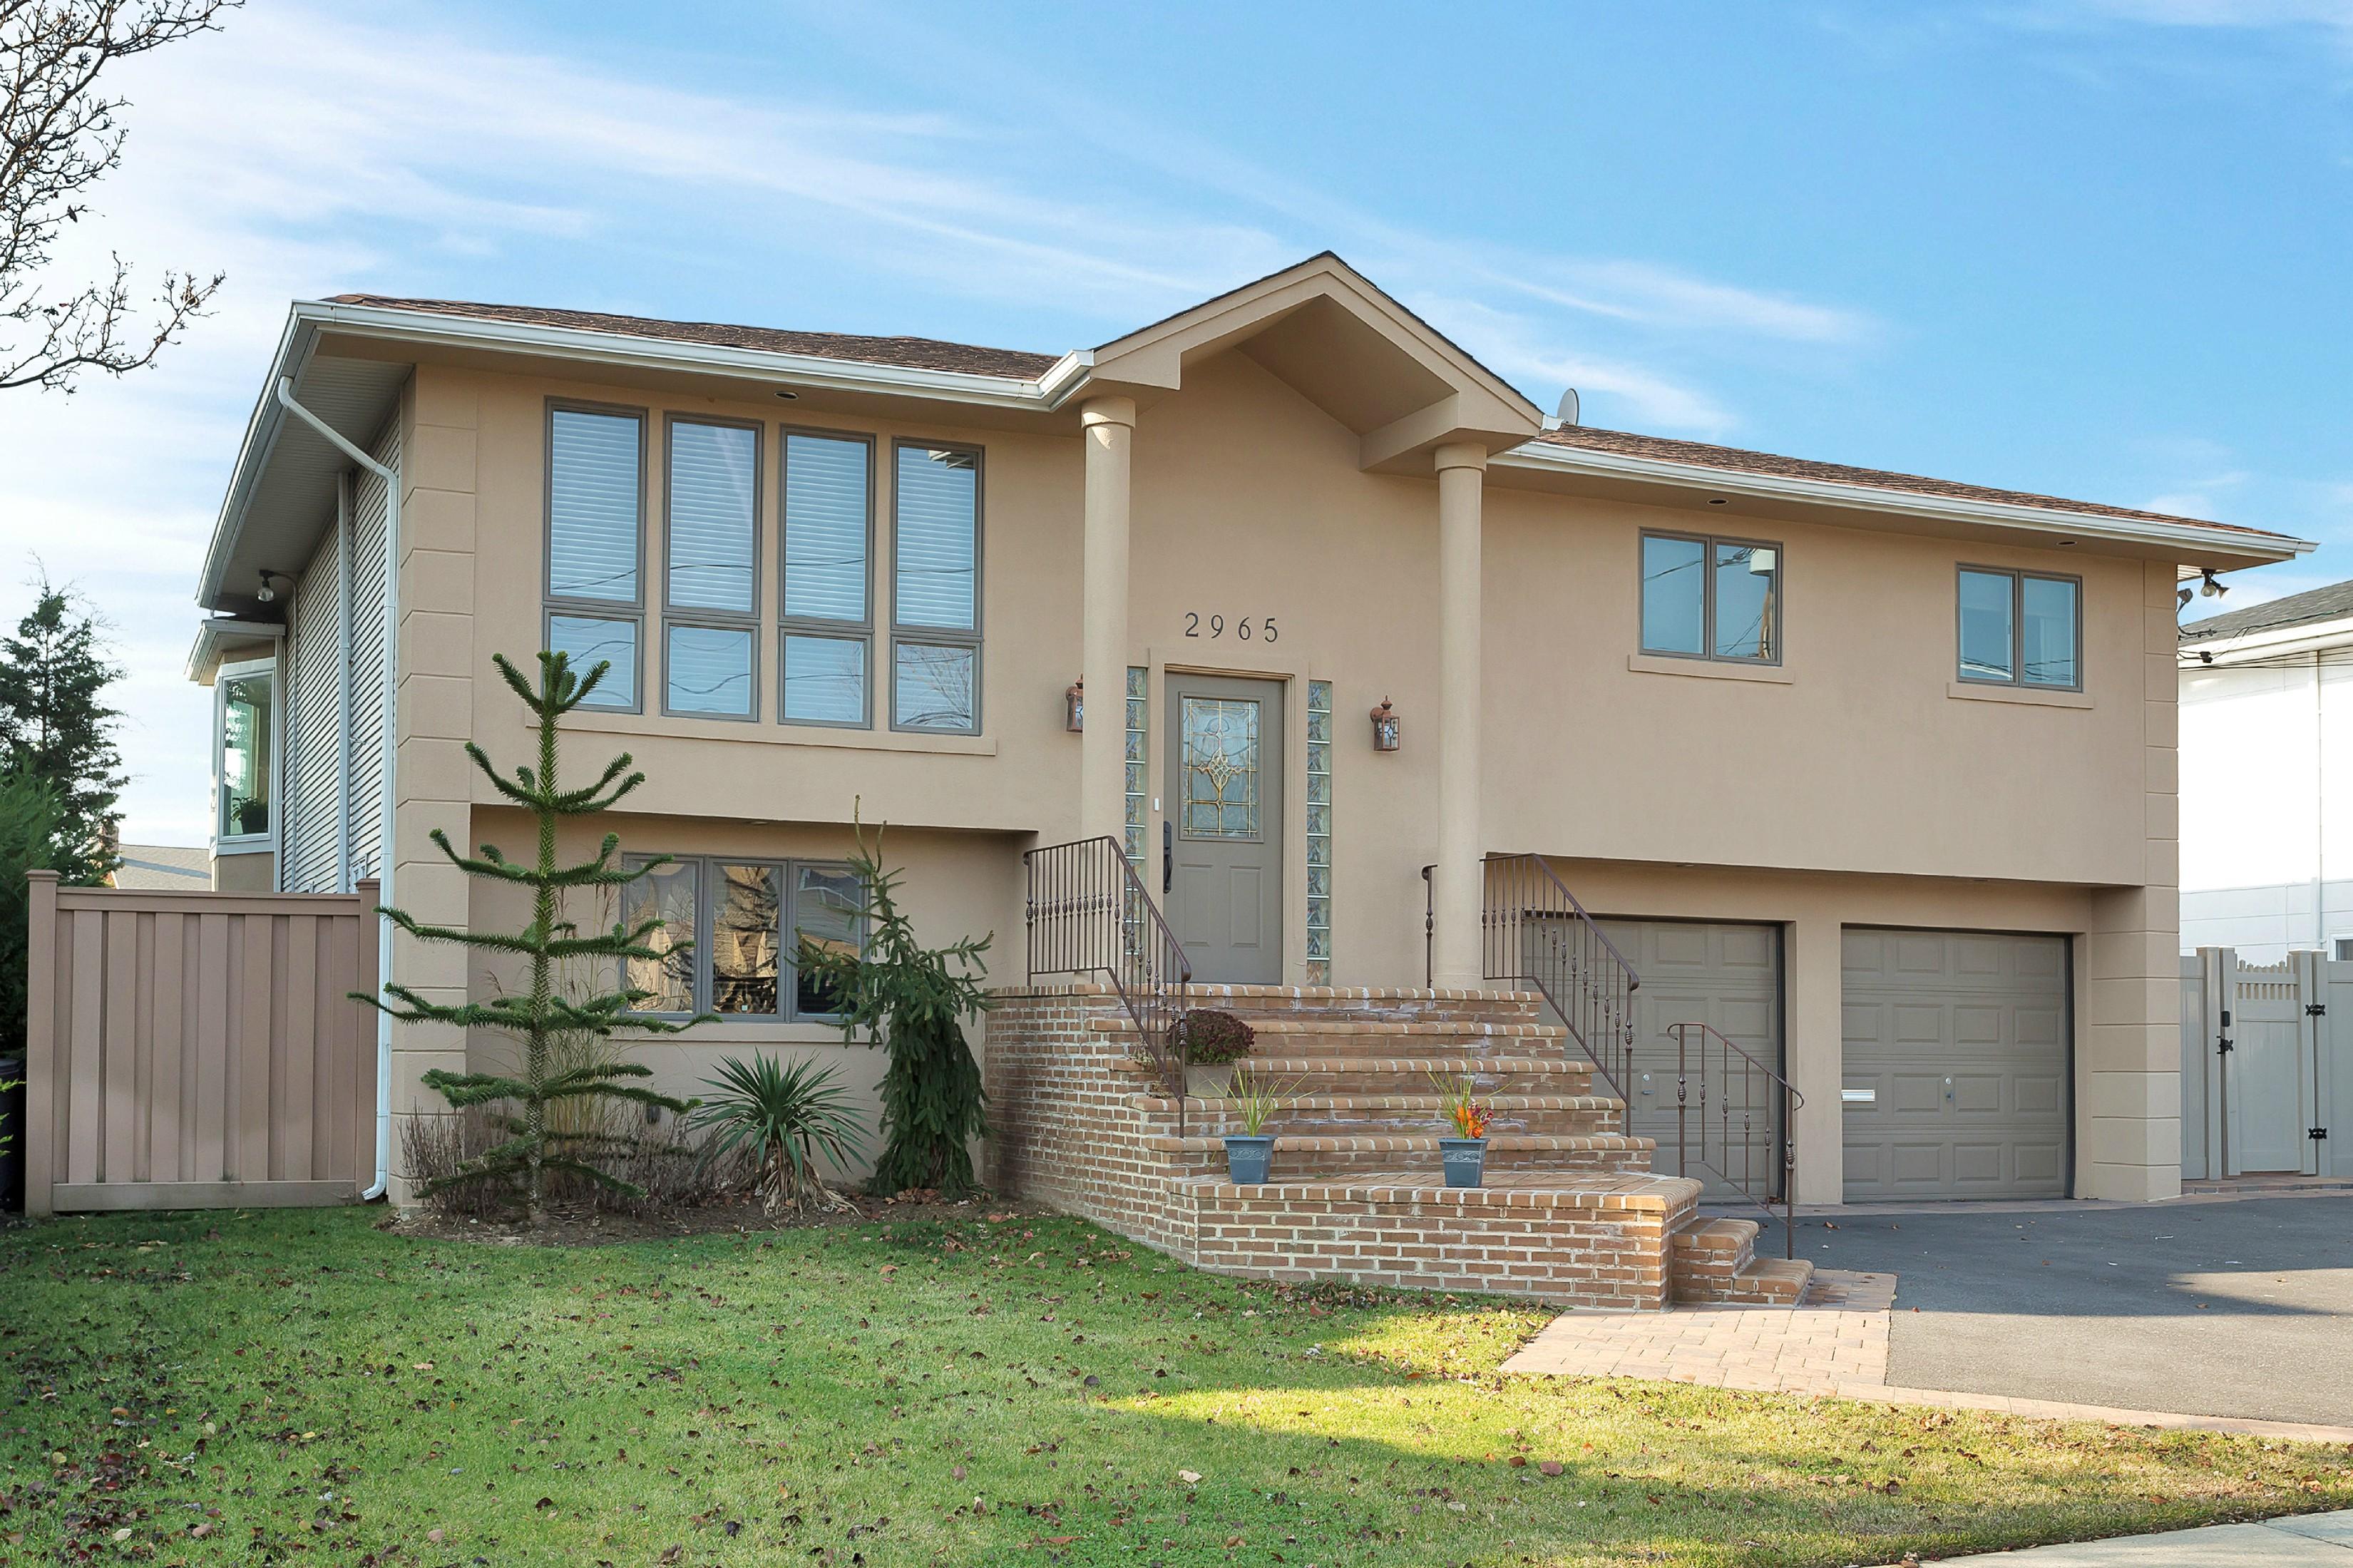 Nhà ở một gia đình vì Bán tại Hi Ranch 2965 Charlotte Dr Merrick, New York, 11566 Hoa Kỳ